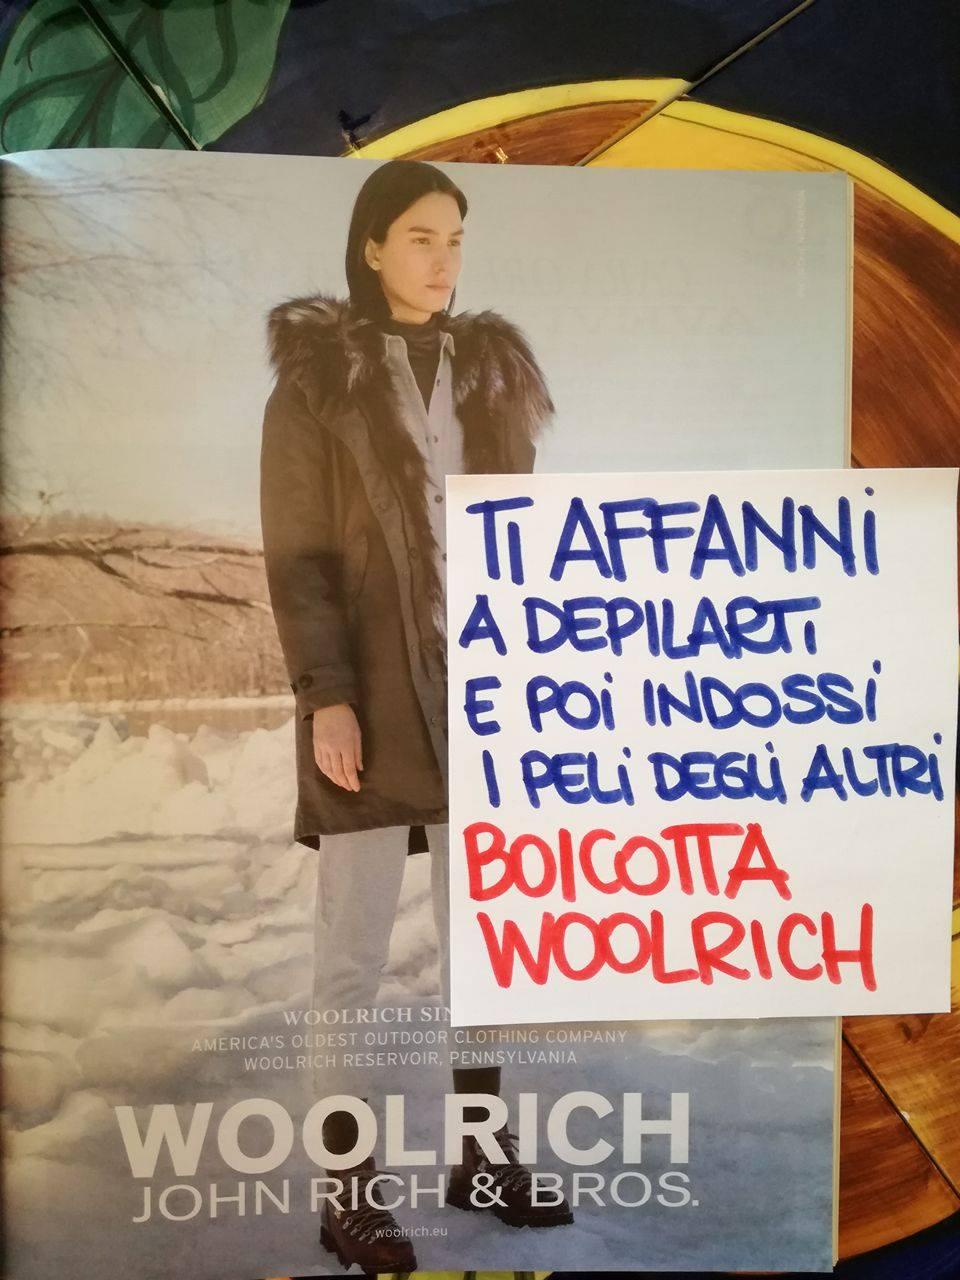 bambina anni 12 anni 12 12 anni woolrich woolrich bambina woolrich bambina bambina woolrich FwX1Hq1xd